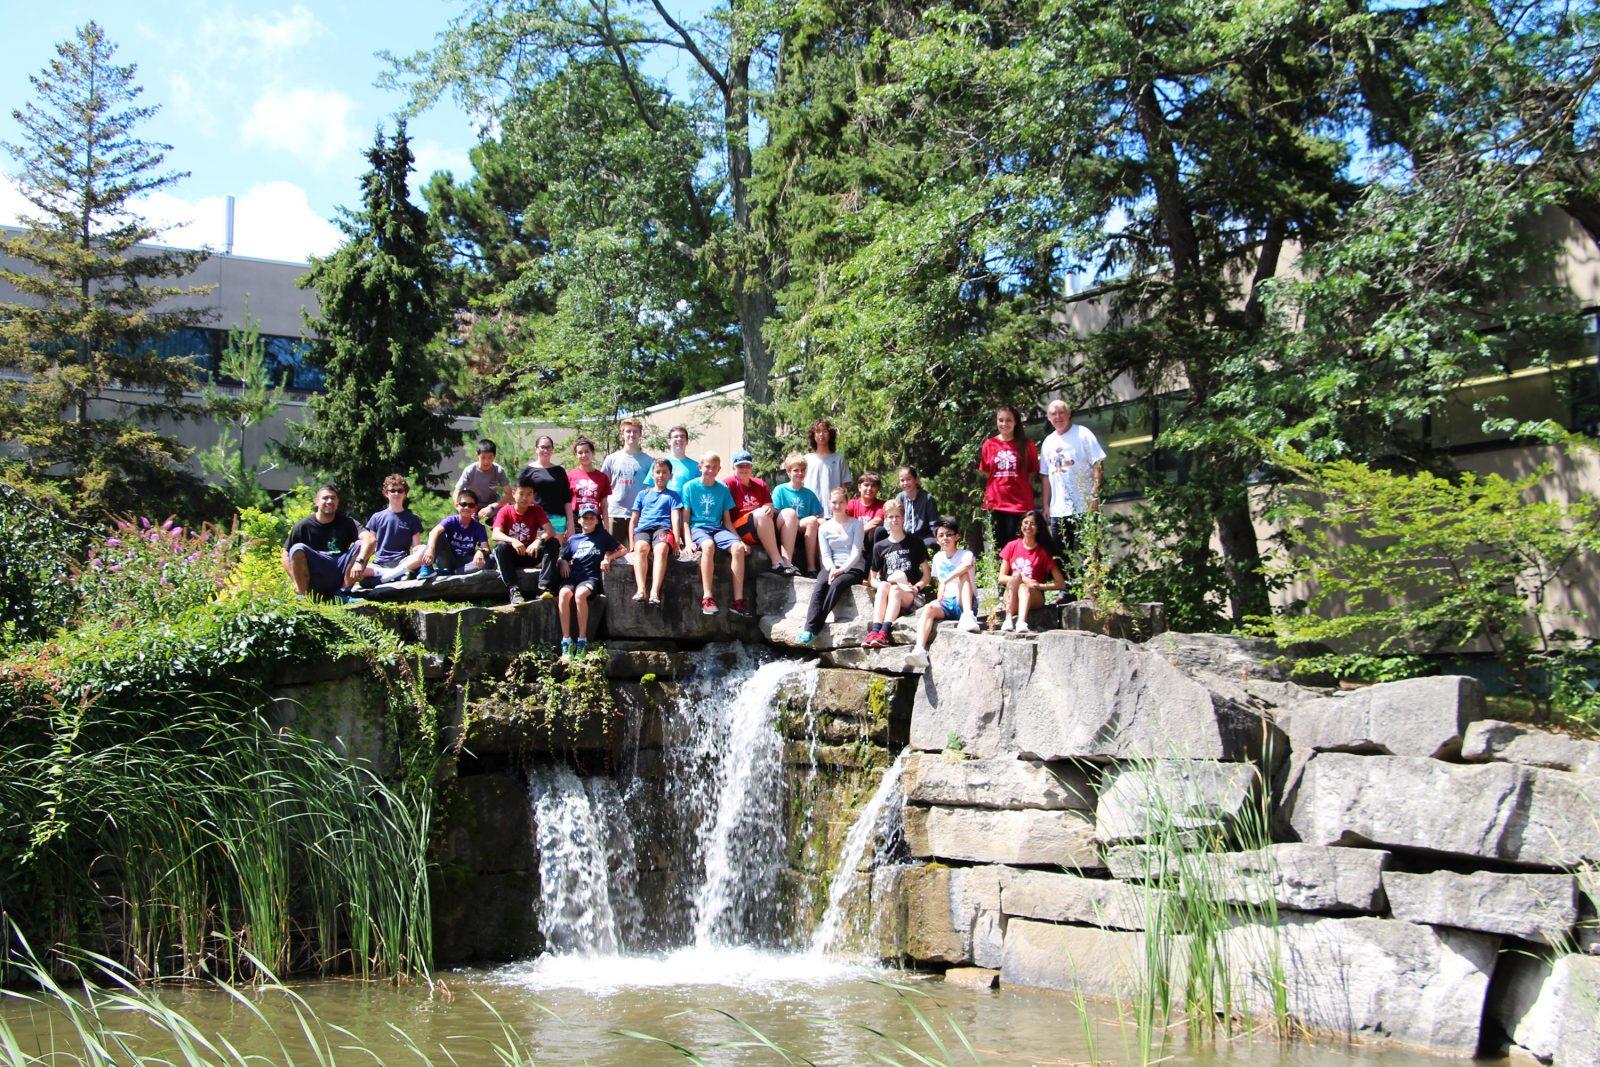 Math camp participants